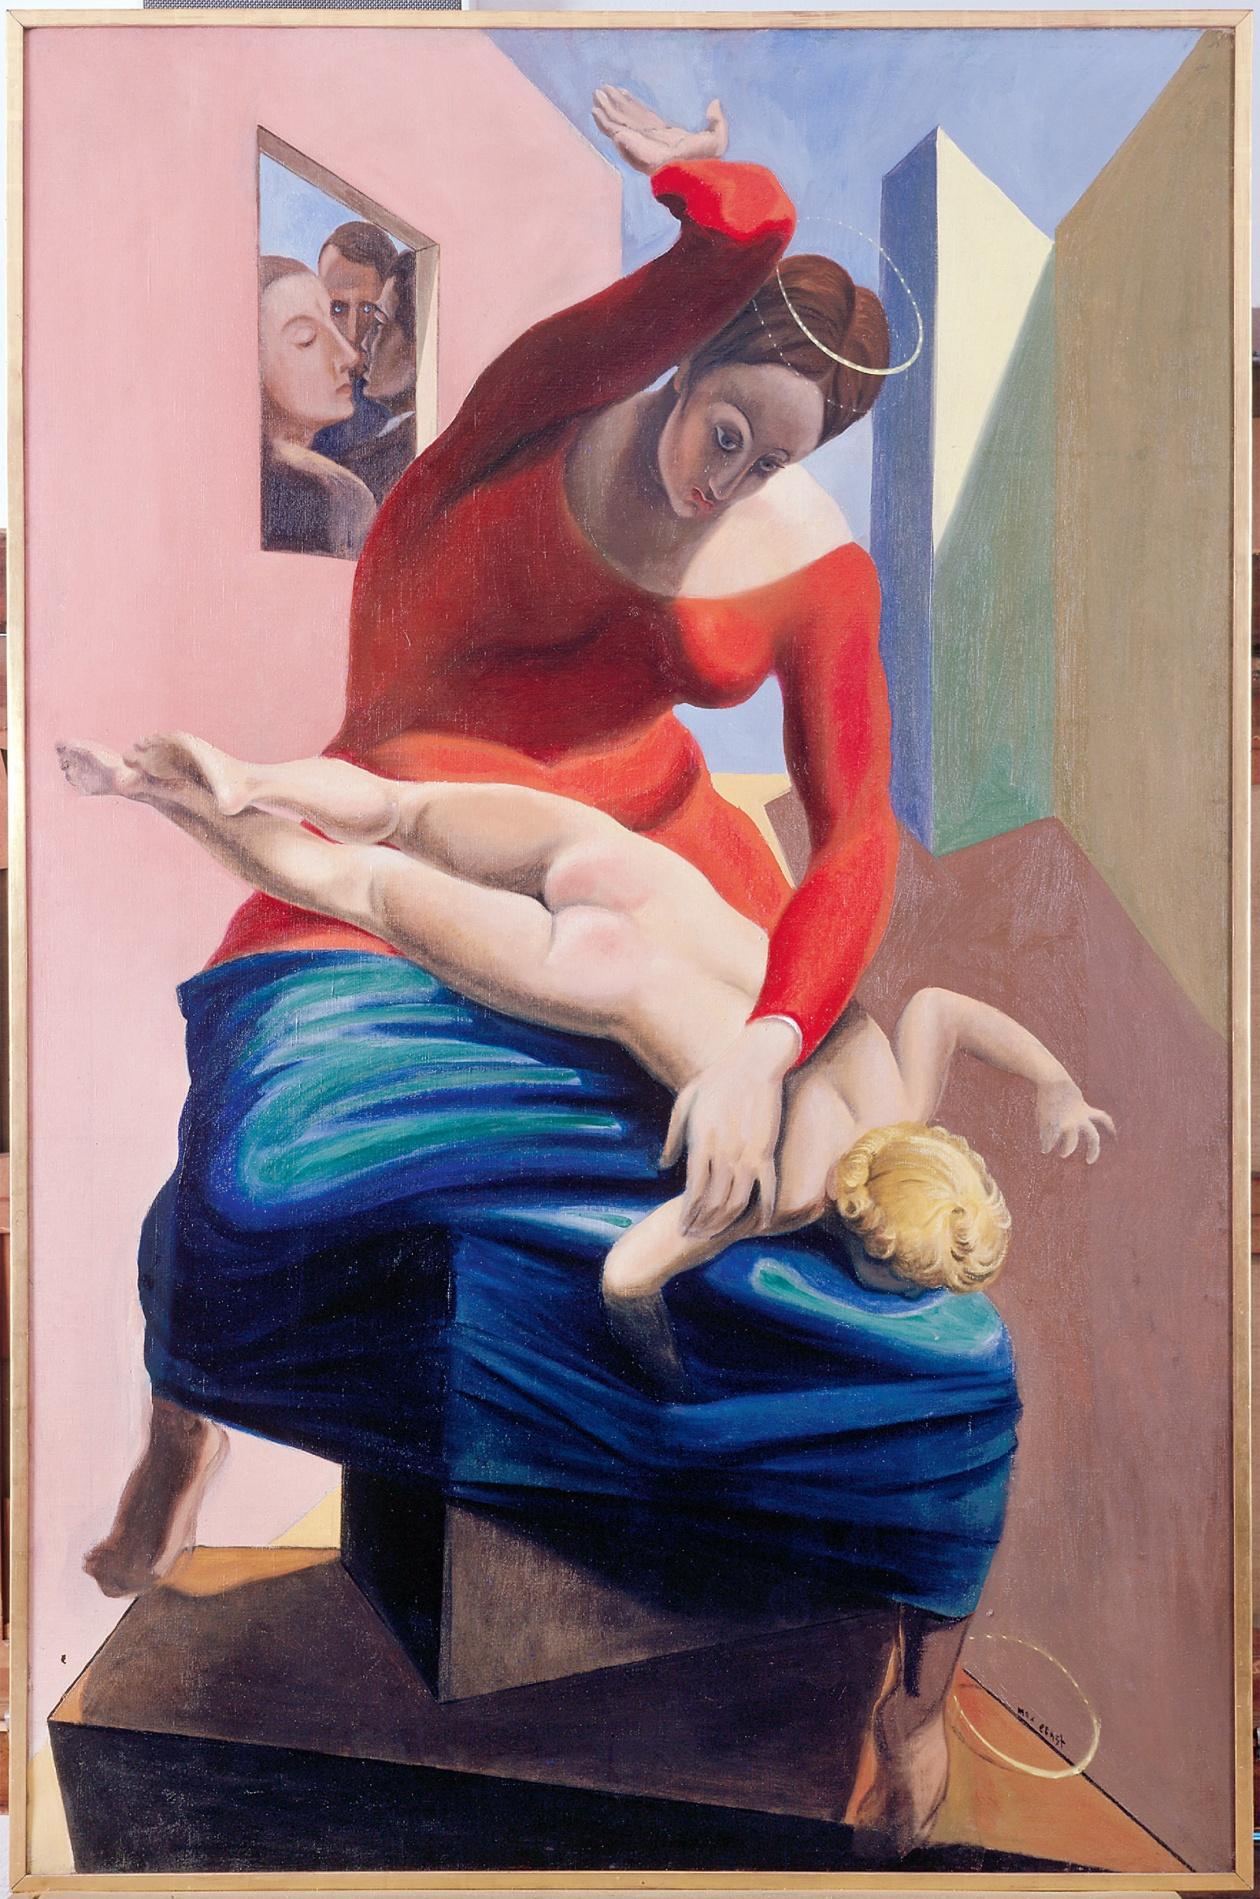 Kunstwerk - Die Jungfrau züchtigt das Jesuskind vor drei Zeugen von Max Ernst